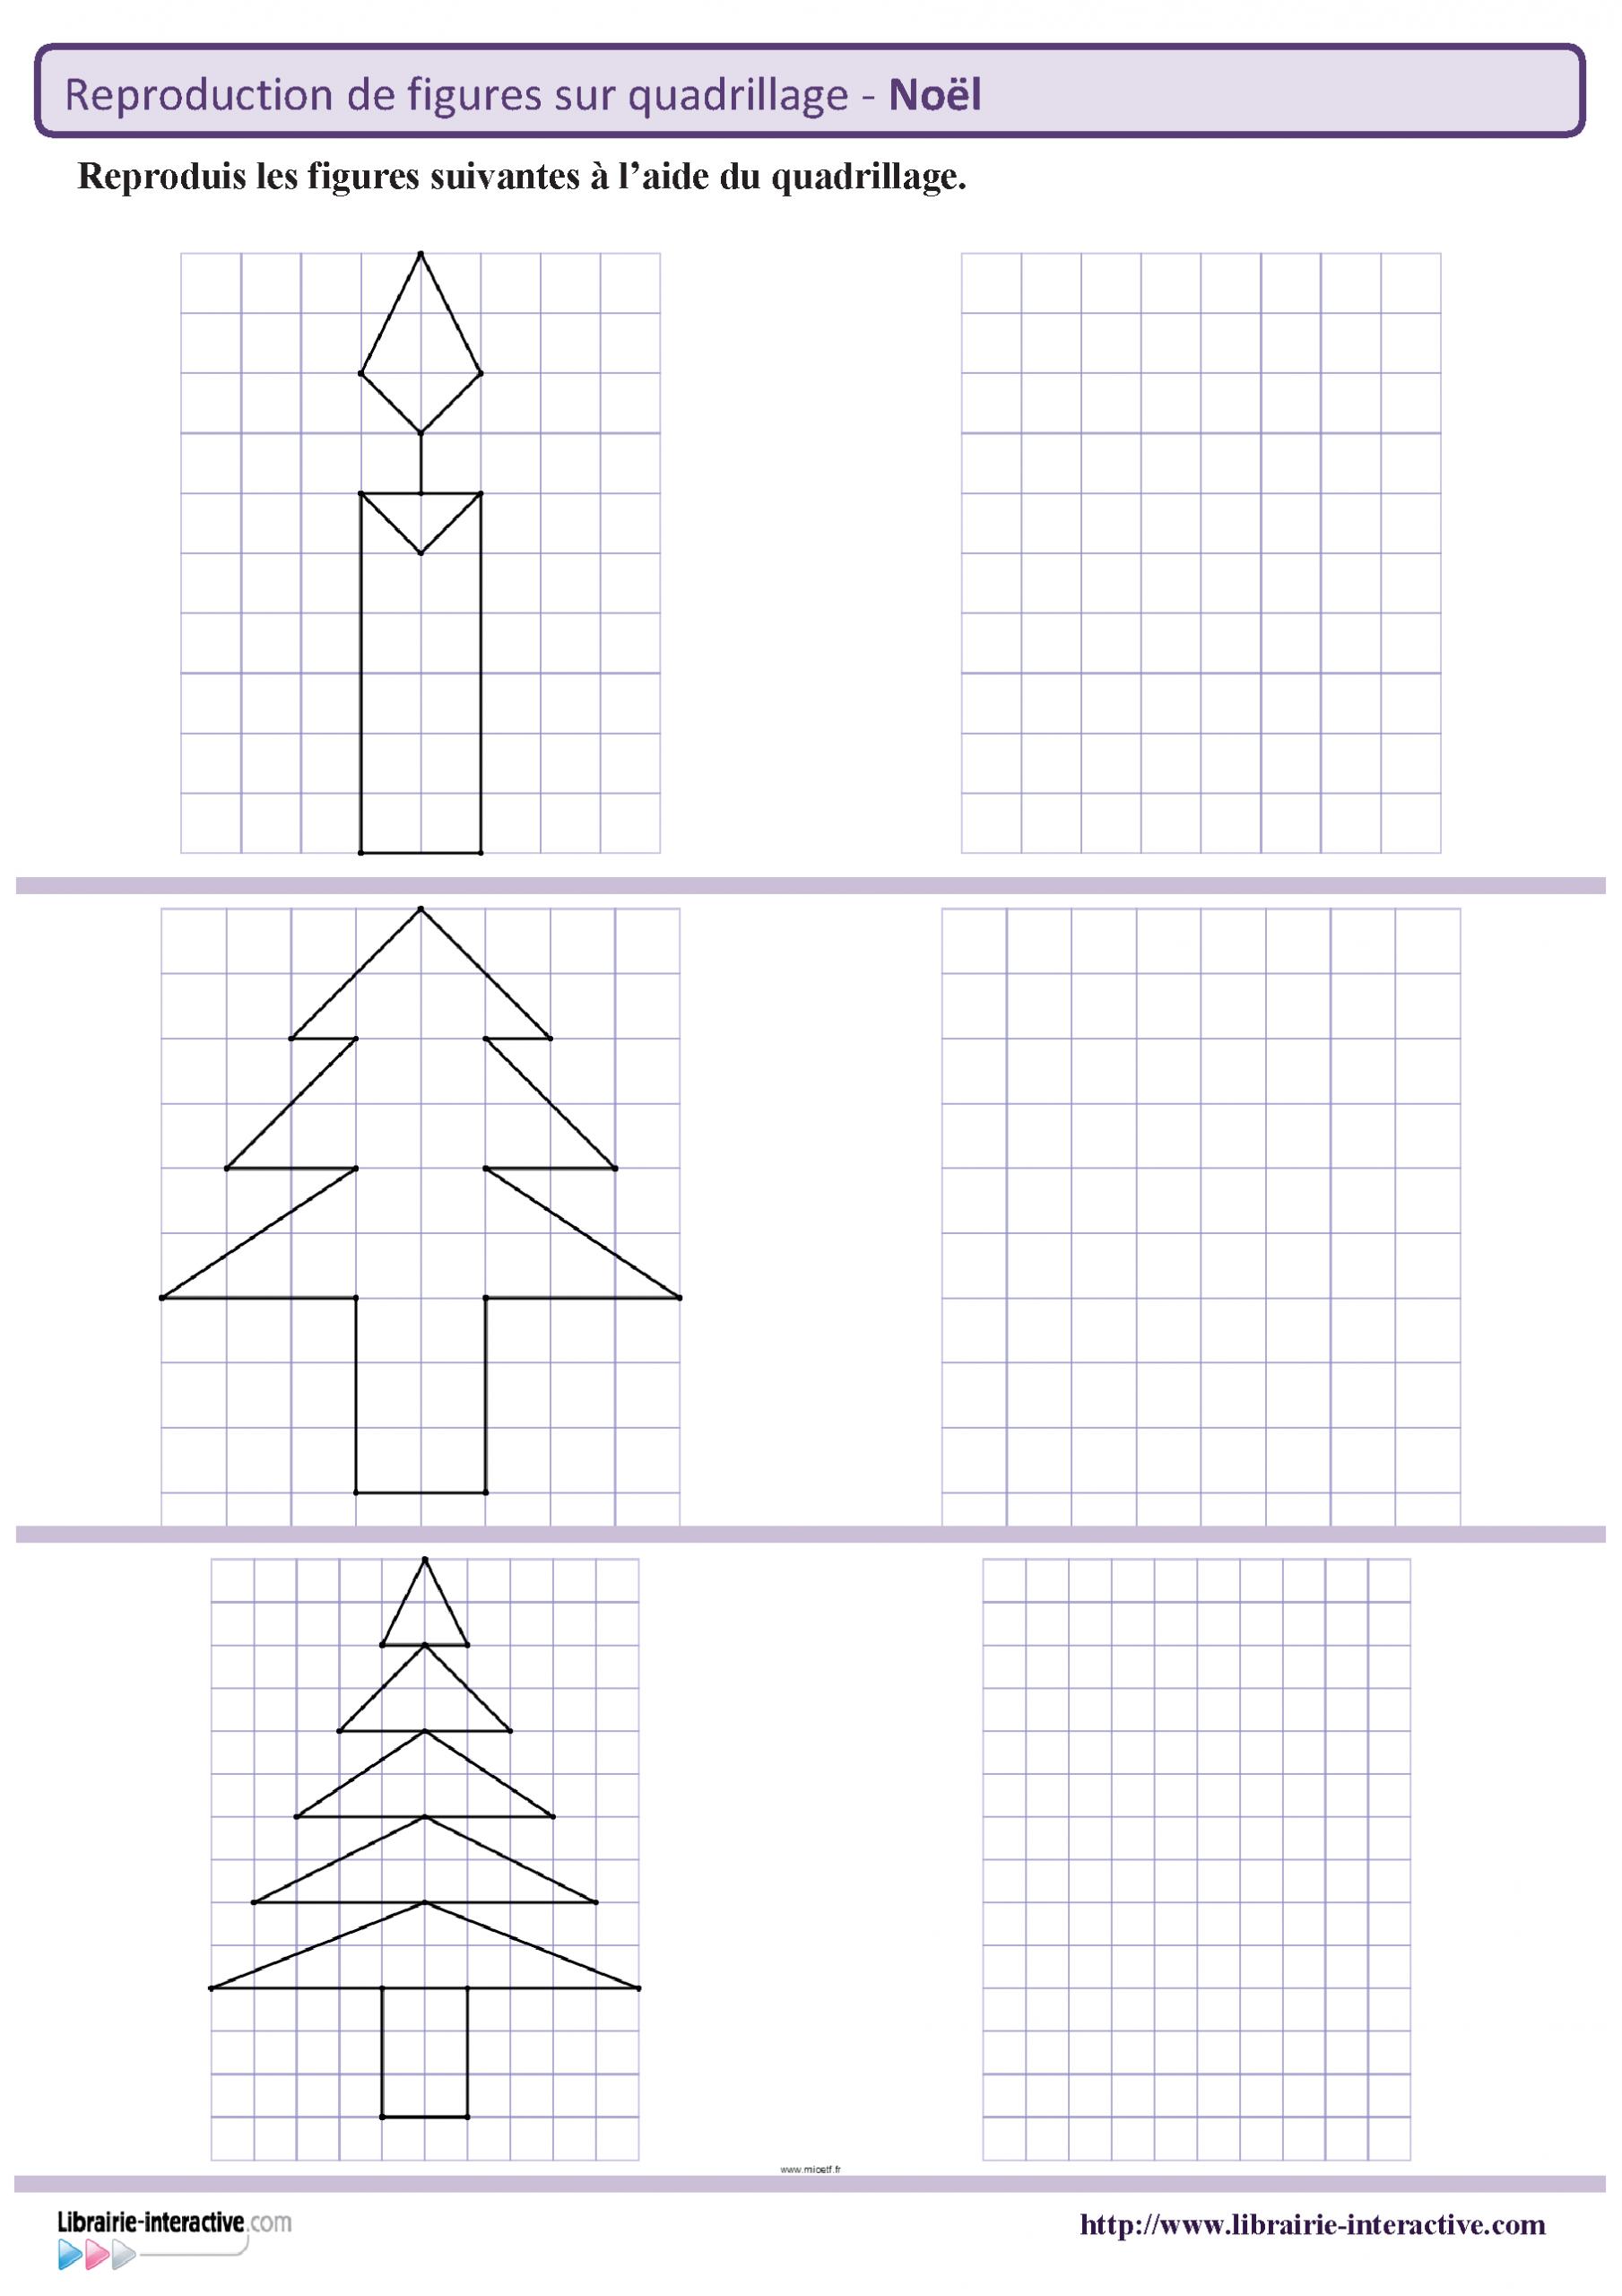 Des Figures Géométriques Sur Le Thème De Noël À Reproduire à Reproduction Sur Quadrillage Ce2